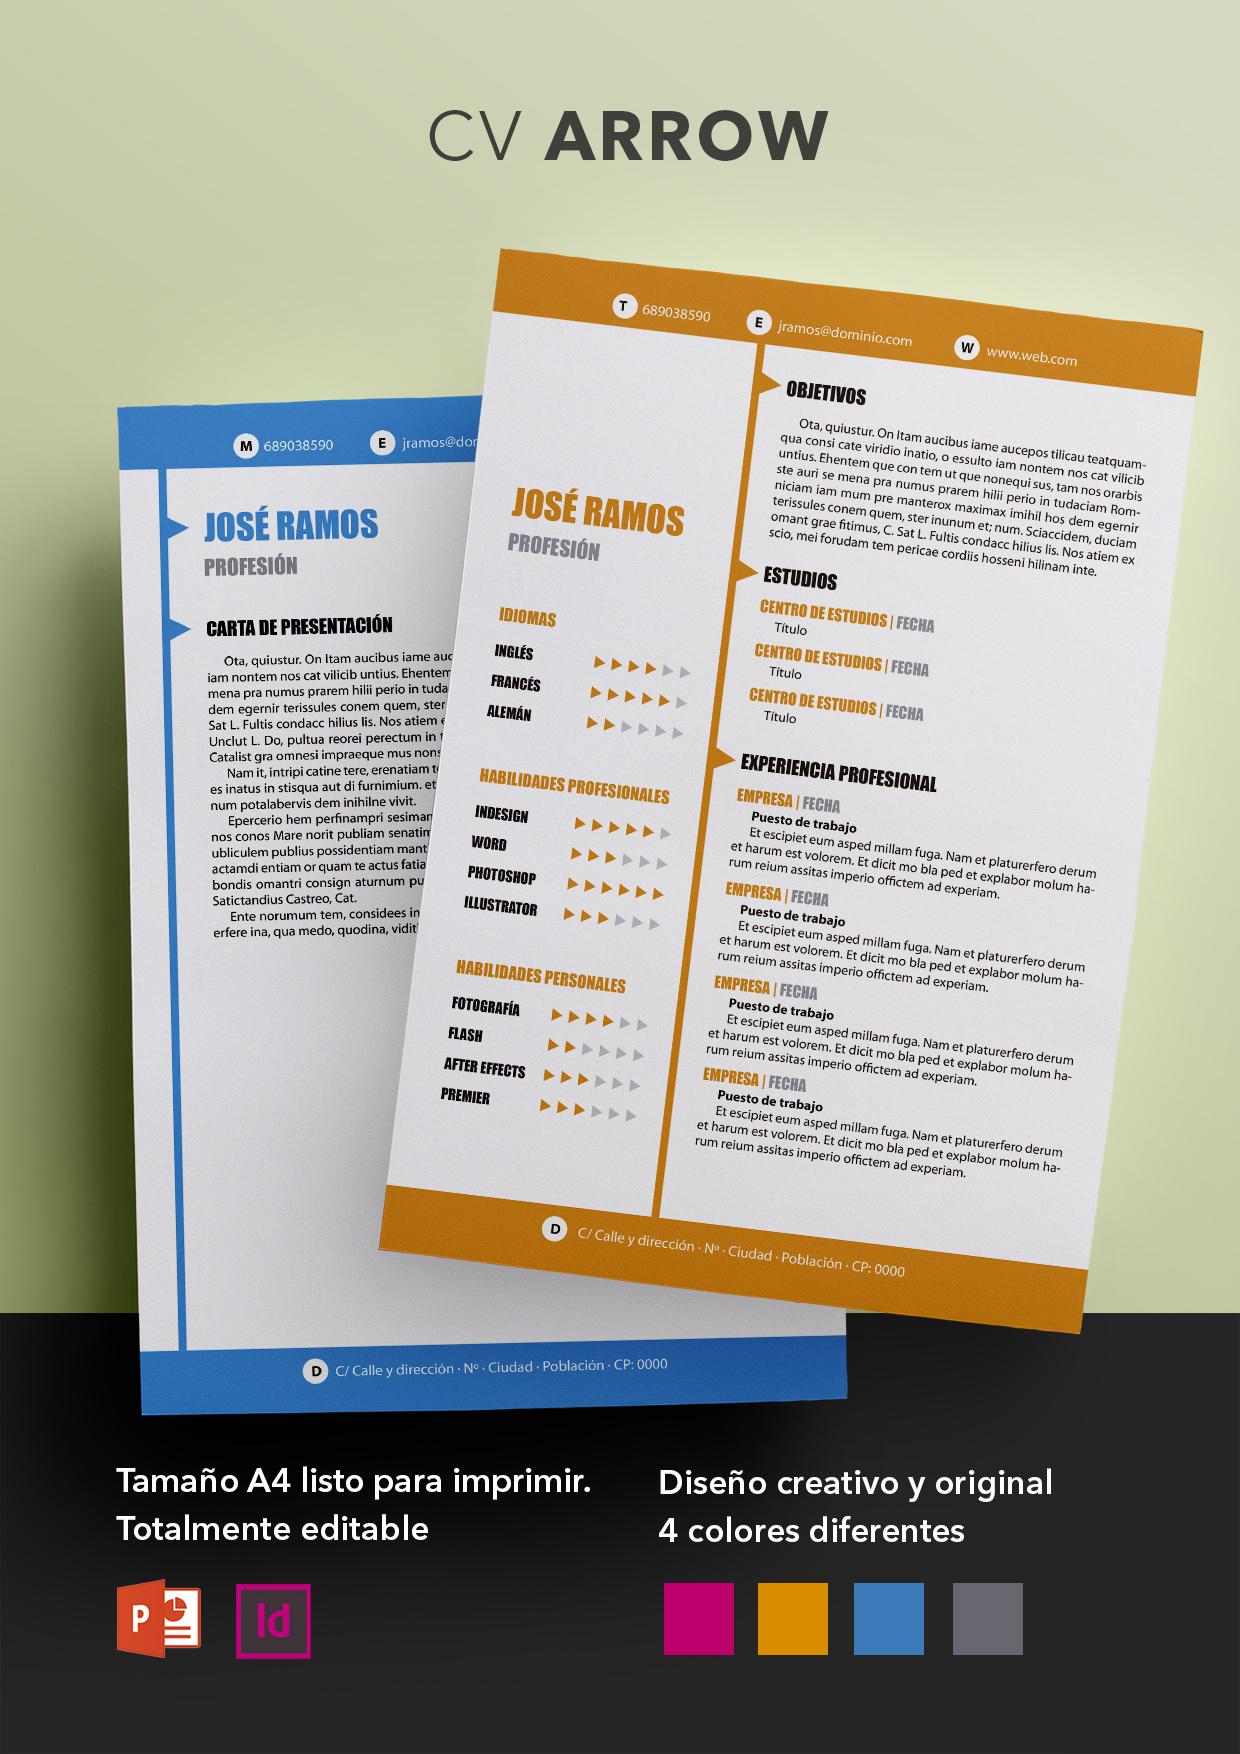 Curriculum Vitae modelo Arrow | Plantillas de currículum